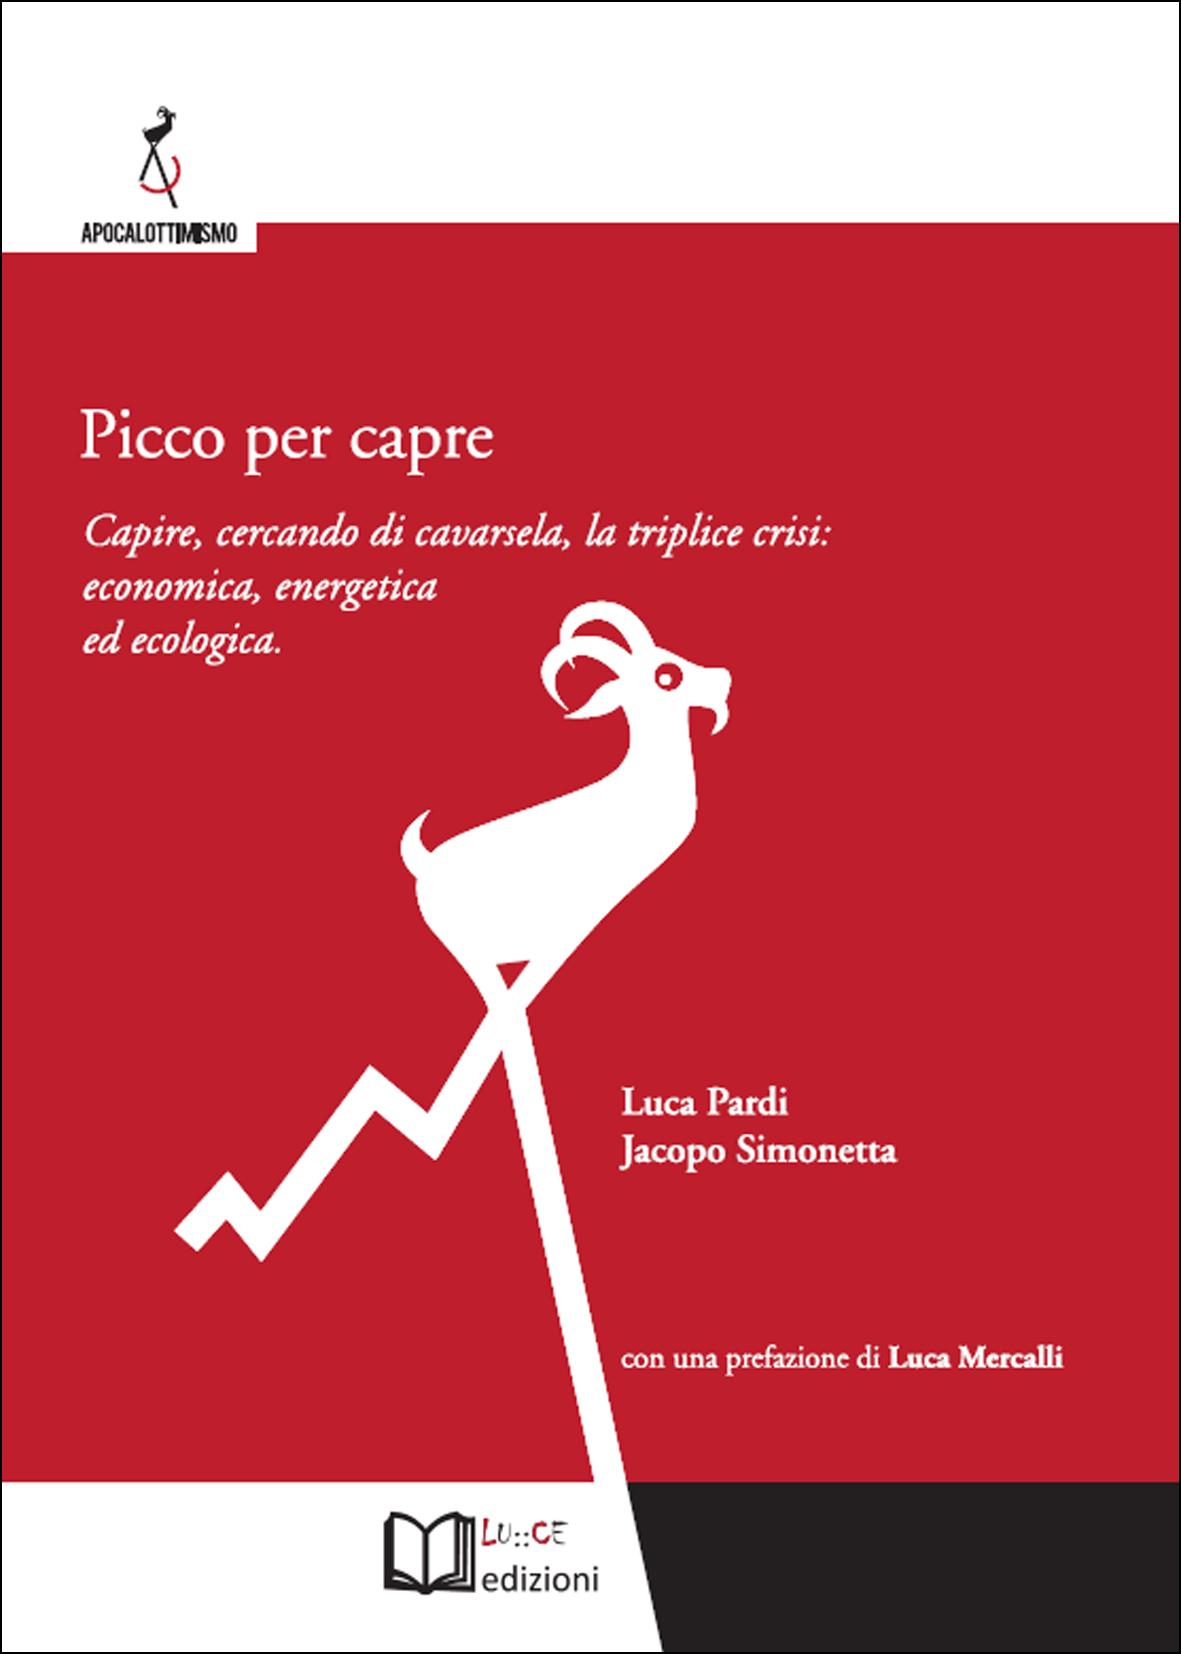 """RetEco presenta """"Picco per capre"""" di Jacopo Simonetta e Luca Pardi"""